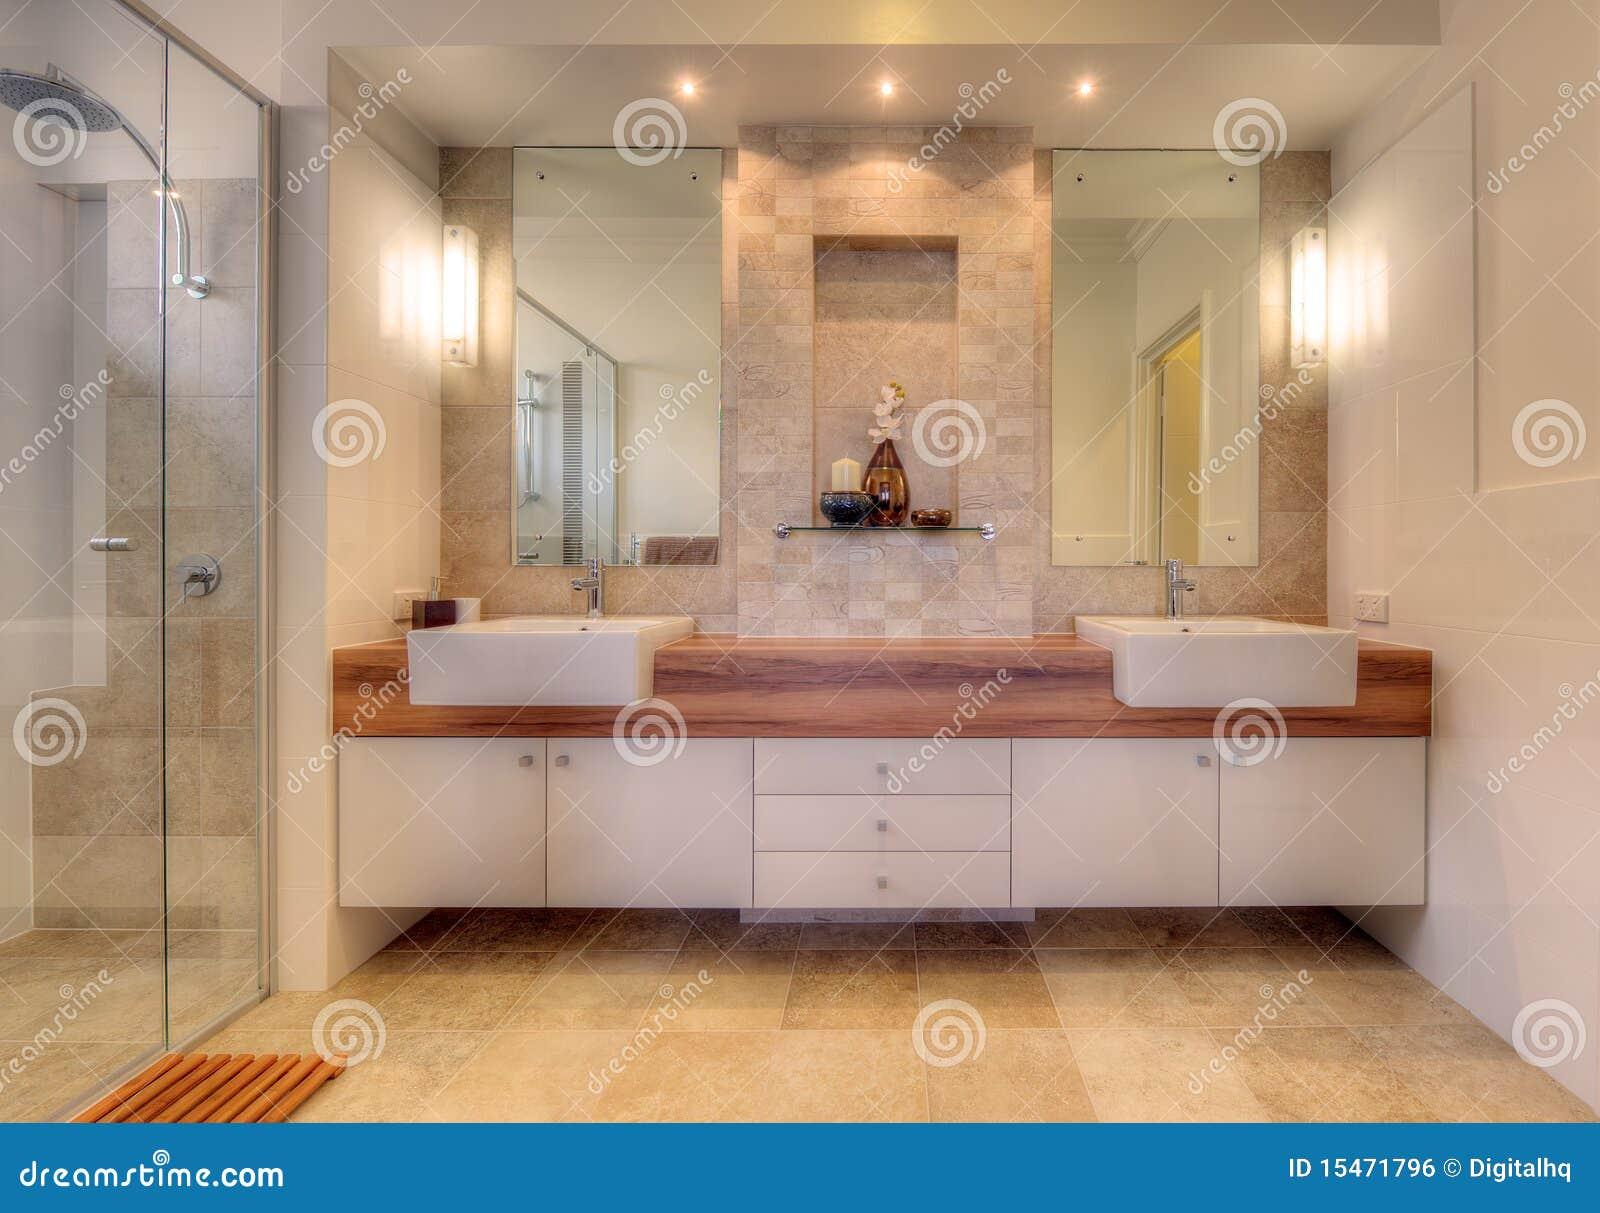 Salle de bains de luxe dans la maison moderne image libre for Salle de bain orientale luxe